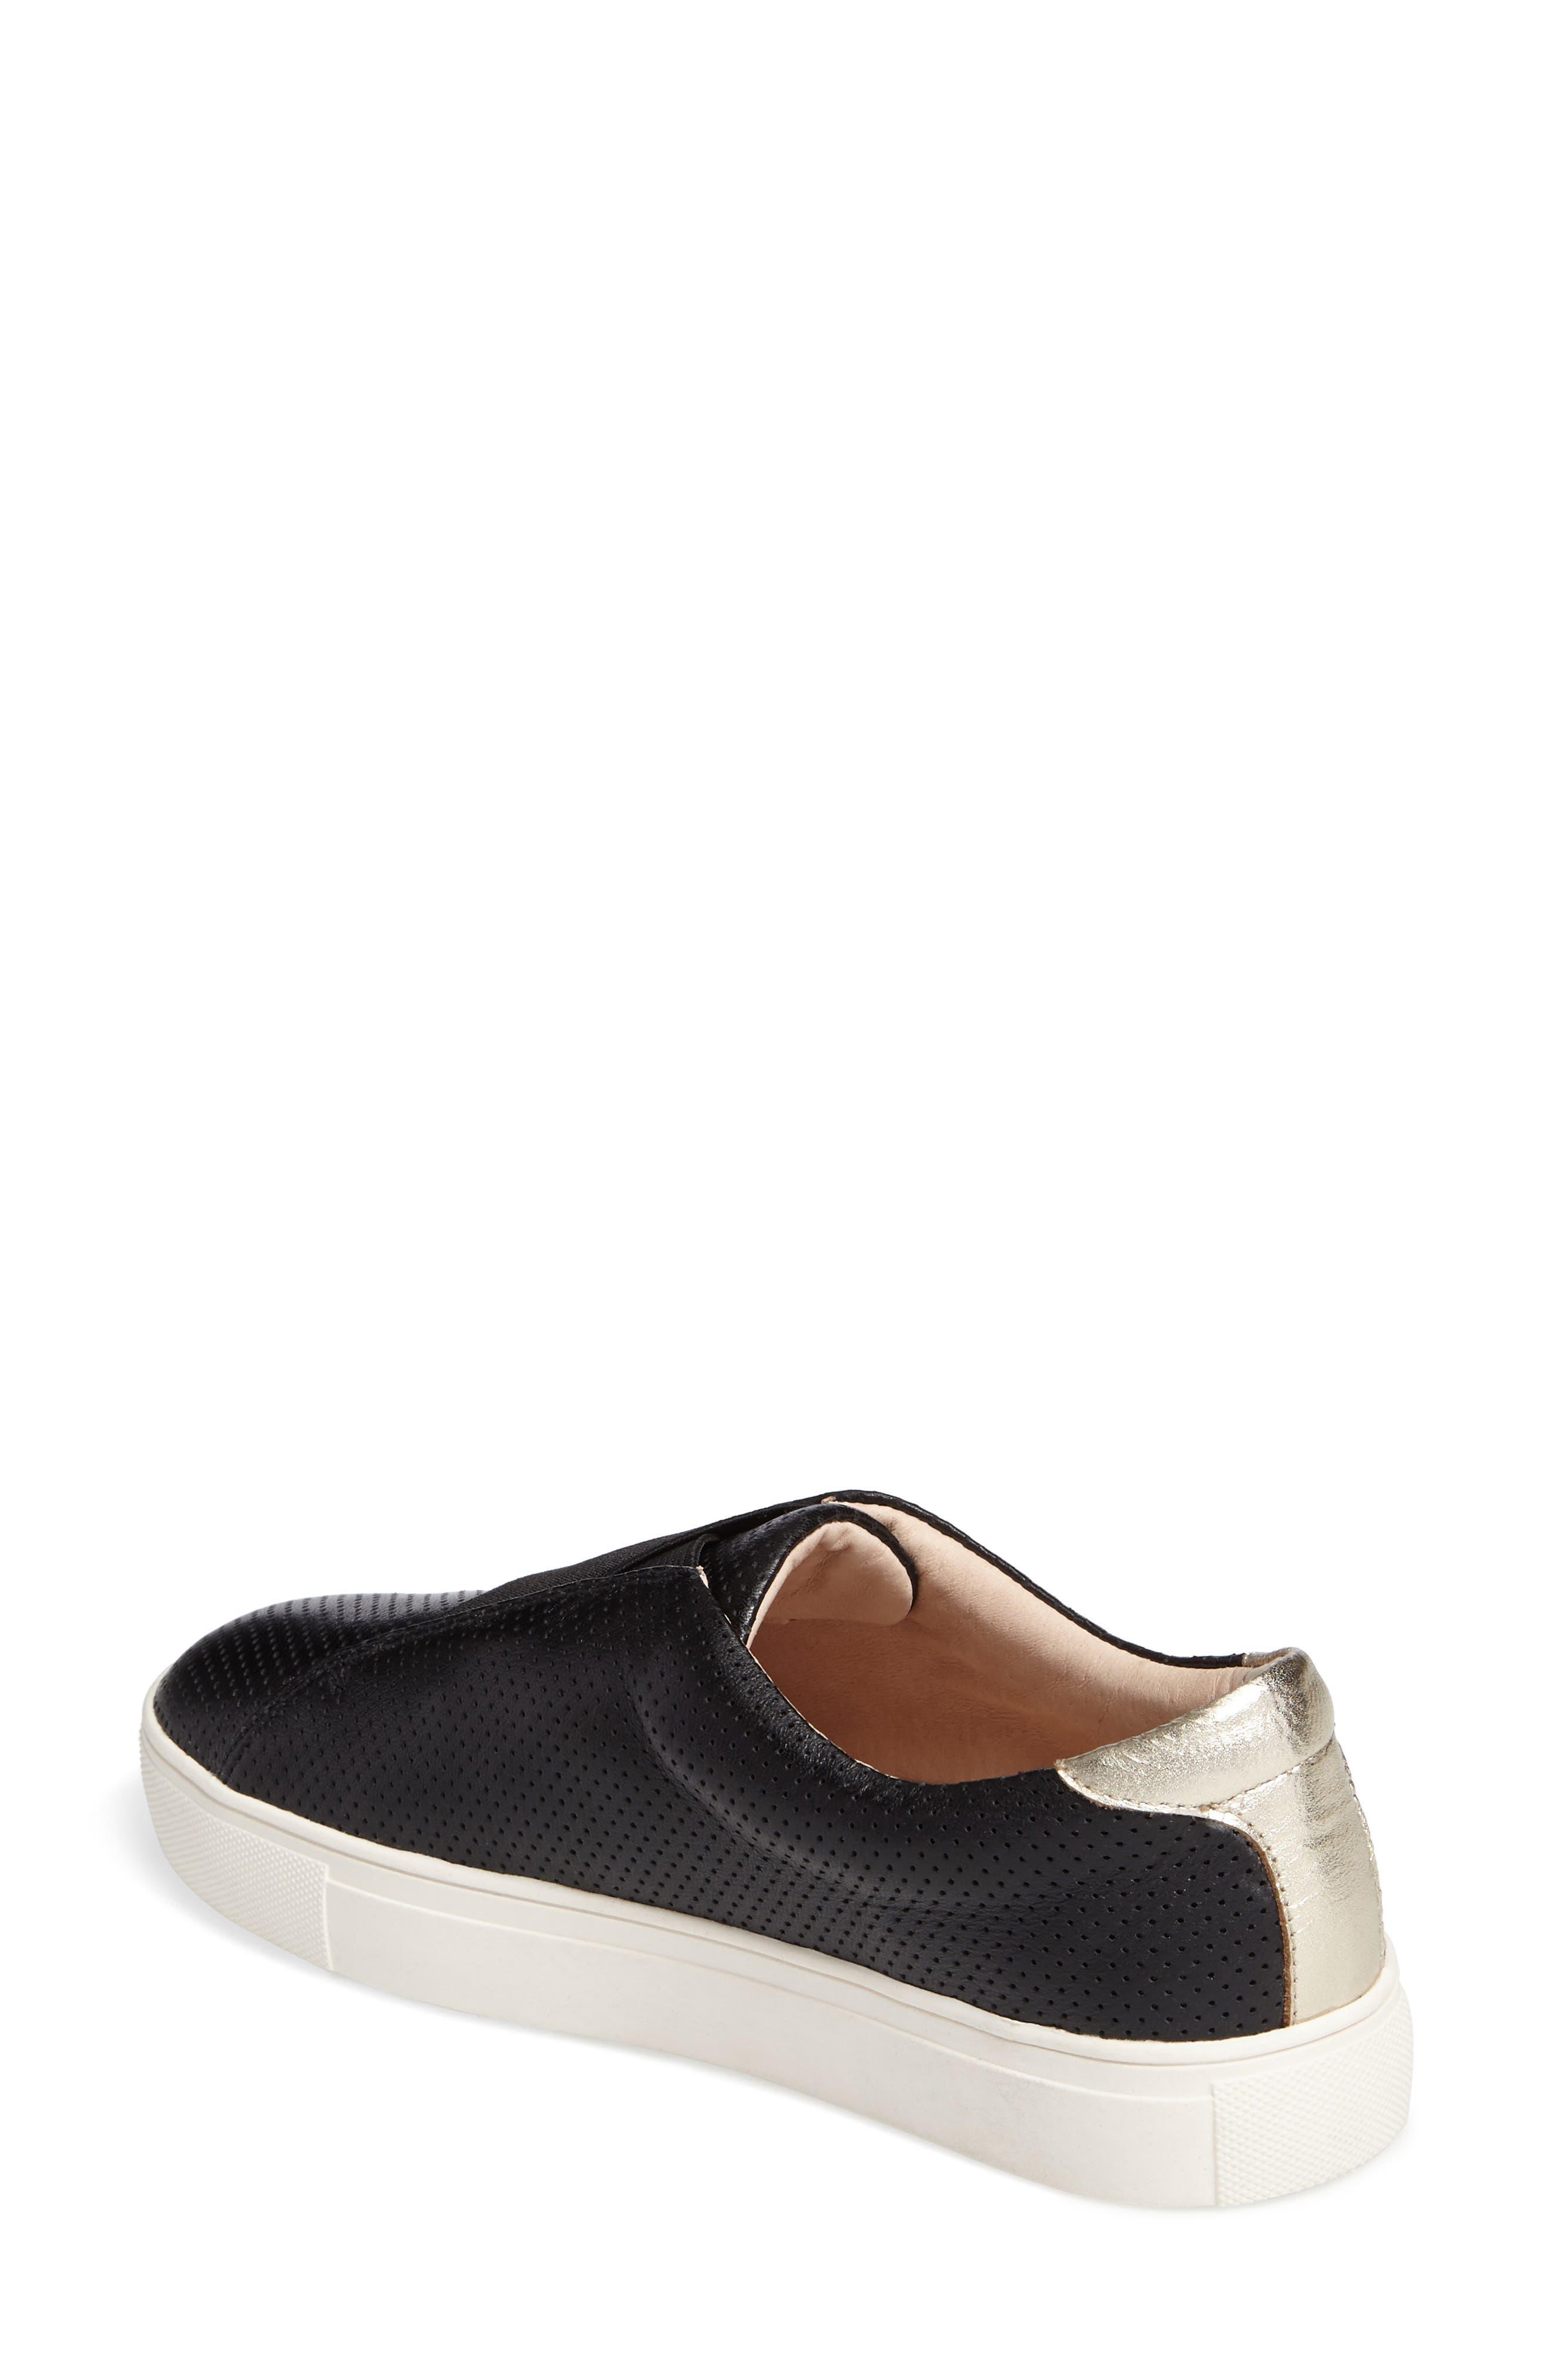 Sudina Giana Slip-On Sneaker,                             Alternate thumbnail 2, color,                             001